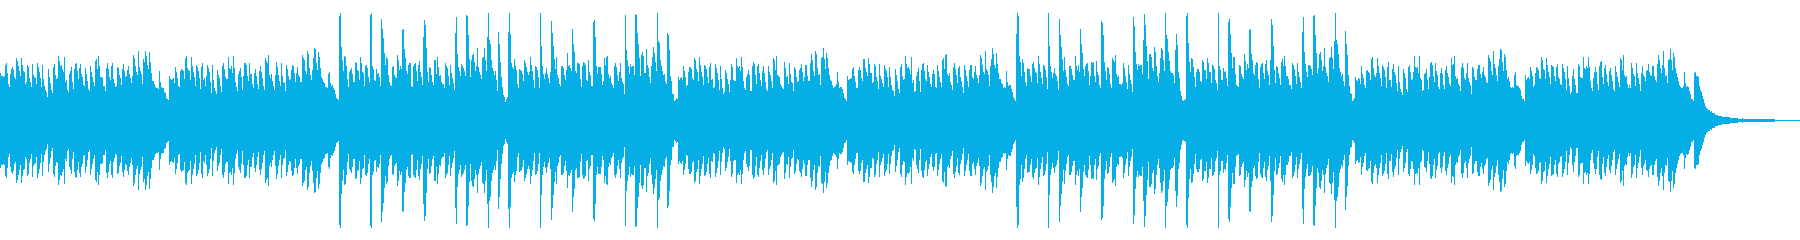 星の夜 ピアノソロ 感動 水面 切ないの再生済みの波形